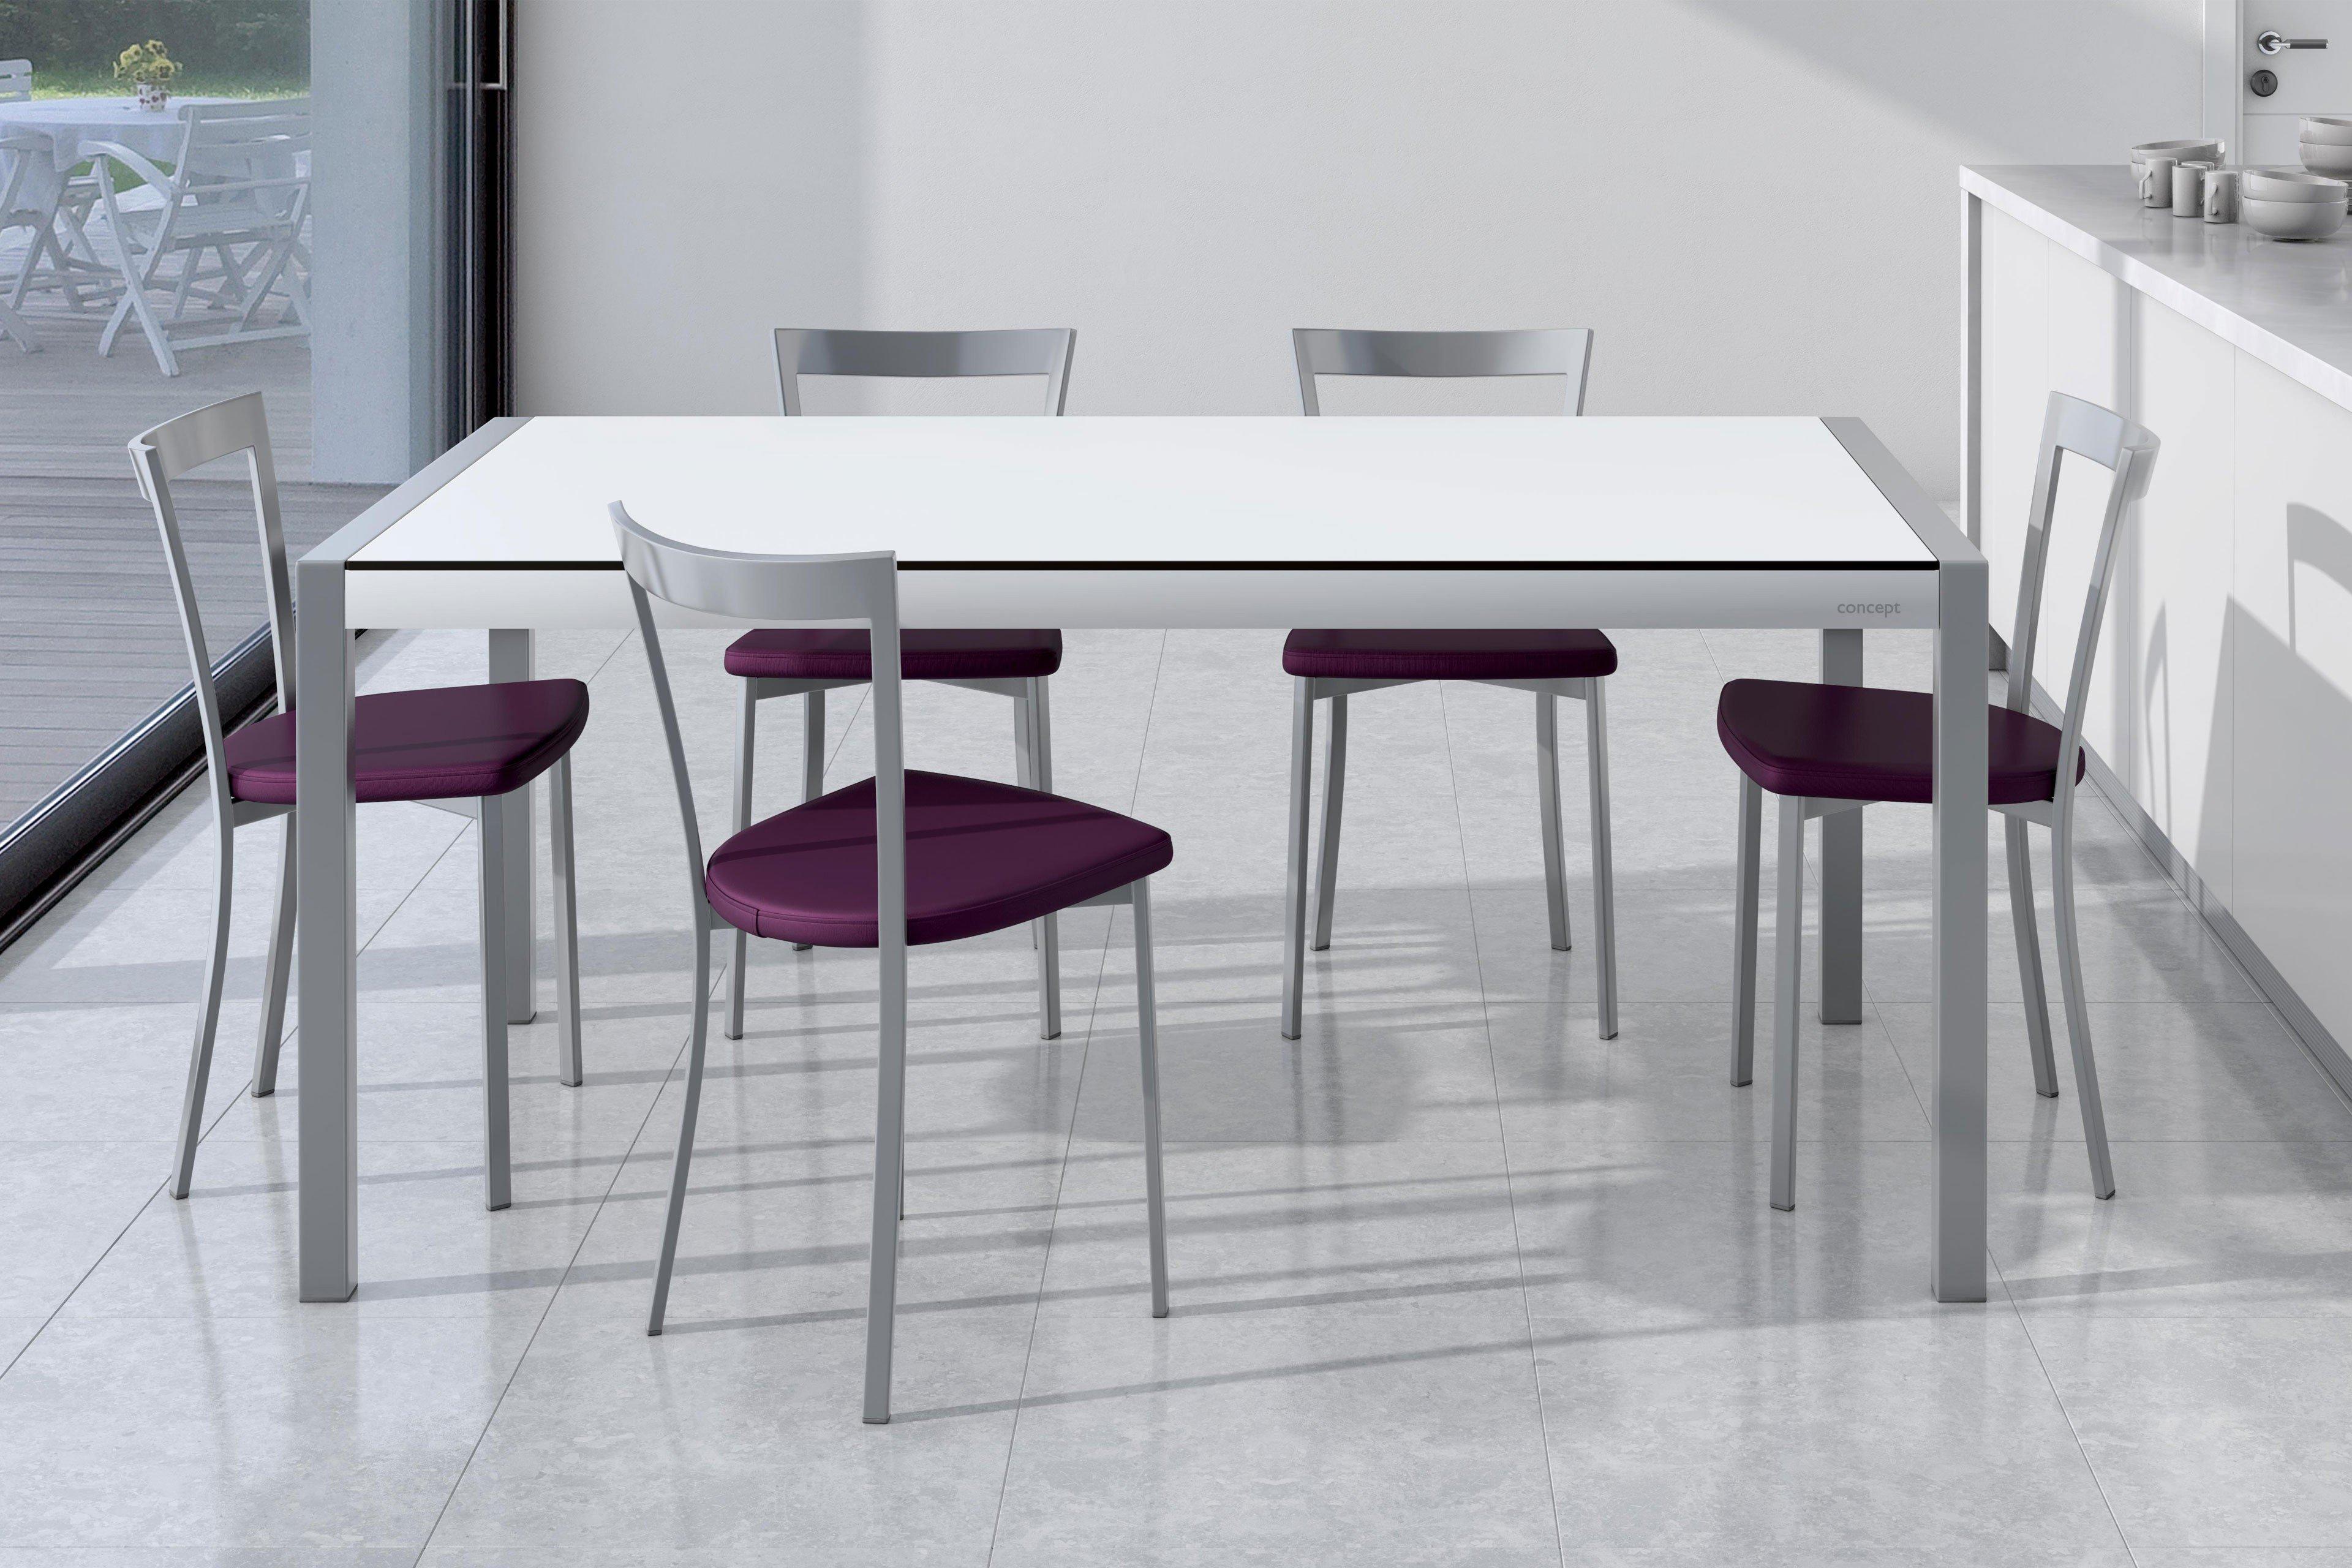 esstisch wei glas perfect esstisch glas ausziehbar large size of glas ehrfa rchtiges esstisch. Black Bedroom Furniture Sets. Home Design Ideas